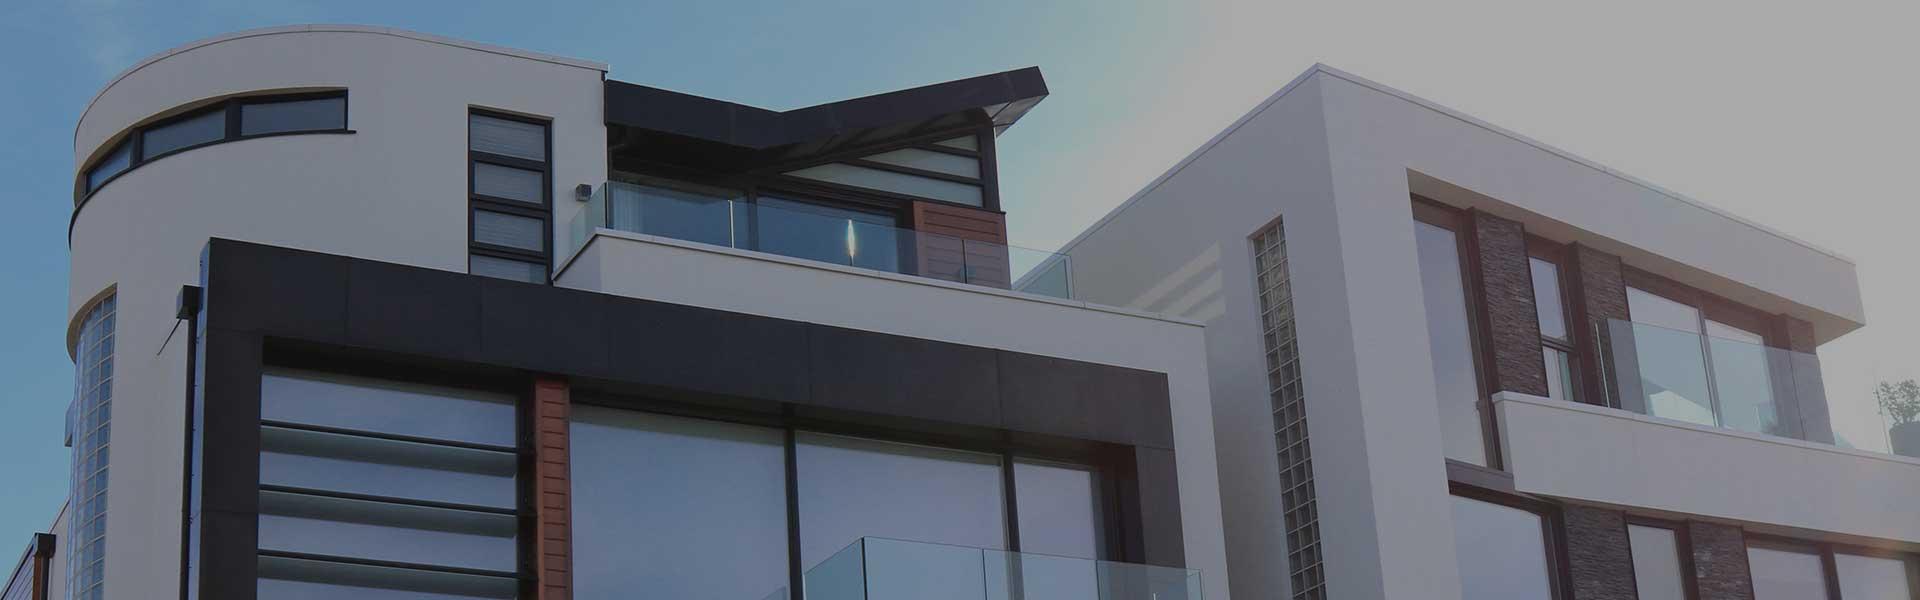 des professionnels au service de votre copropri t r seau copro. Black Bedroom Furniture Sets. Home Design Ideas